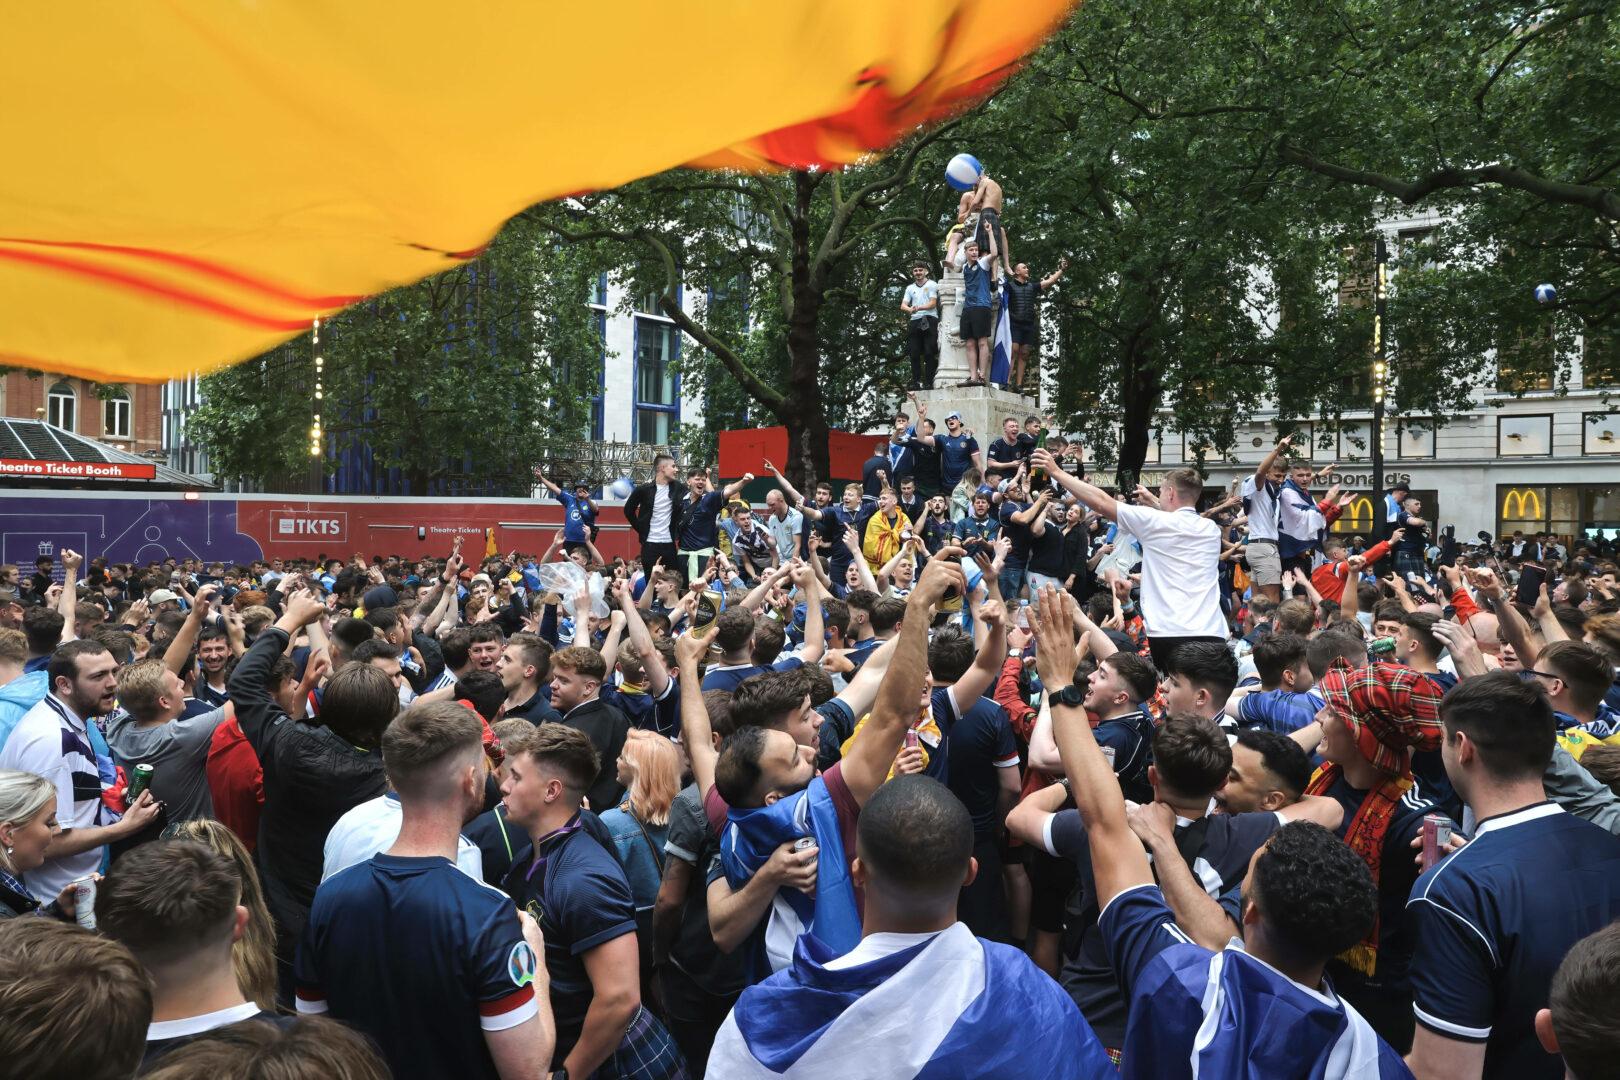 Zahlreiche Schotten versammelten sich trotz Coroanvirus zur Euro 2020